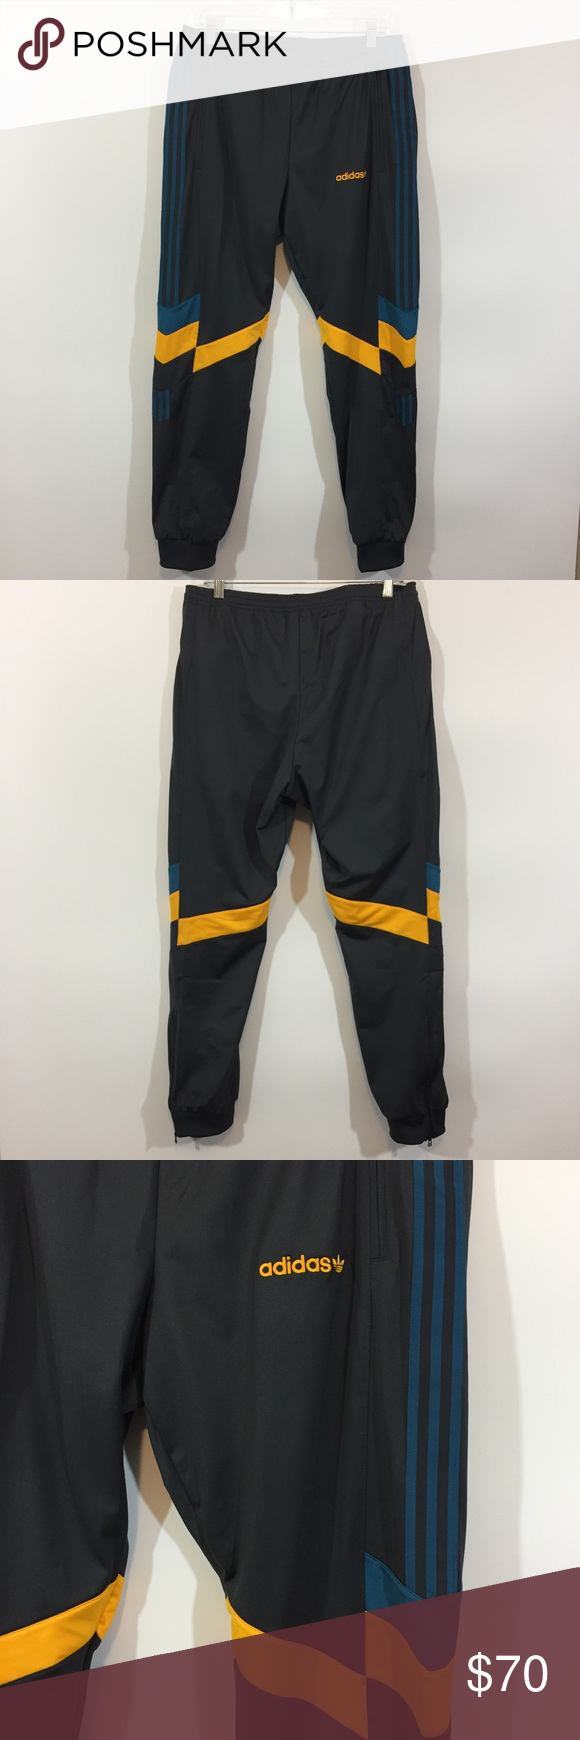 8eb99d490bd3 Adidas Originals Aloxe Track Pants New Adidas Originals Aloxe Track Pants. adidas  Pants Sweatpants   Joggers